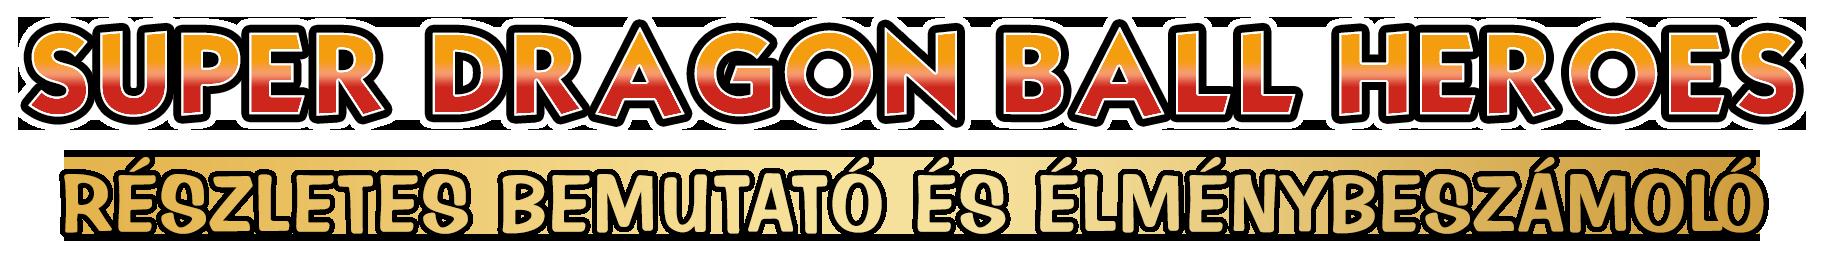 Super Dragon Ball Heroes részletes bemutatót